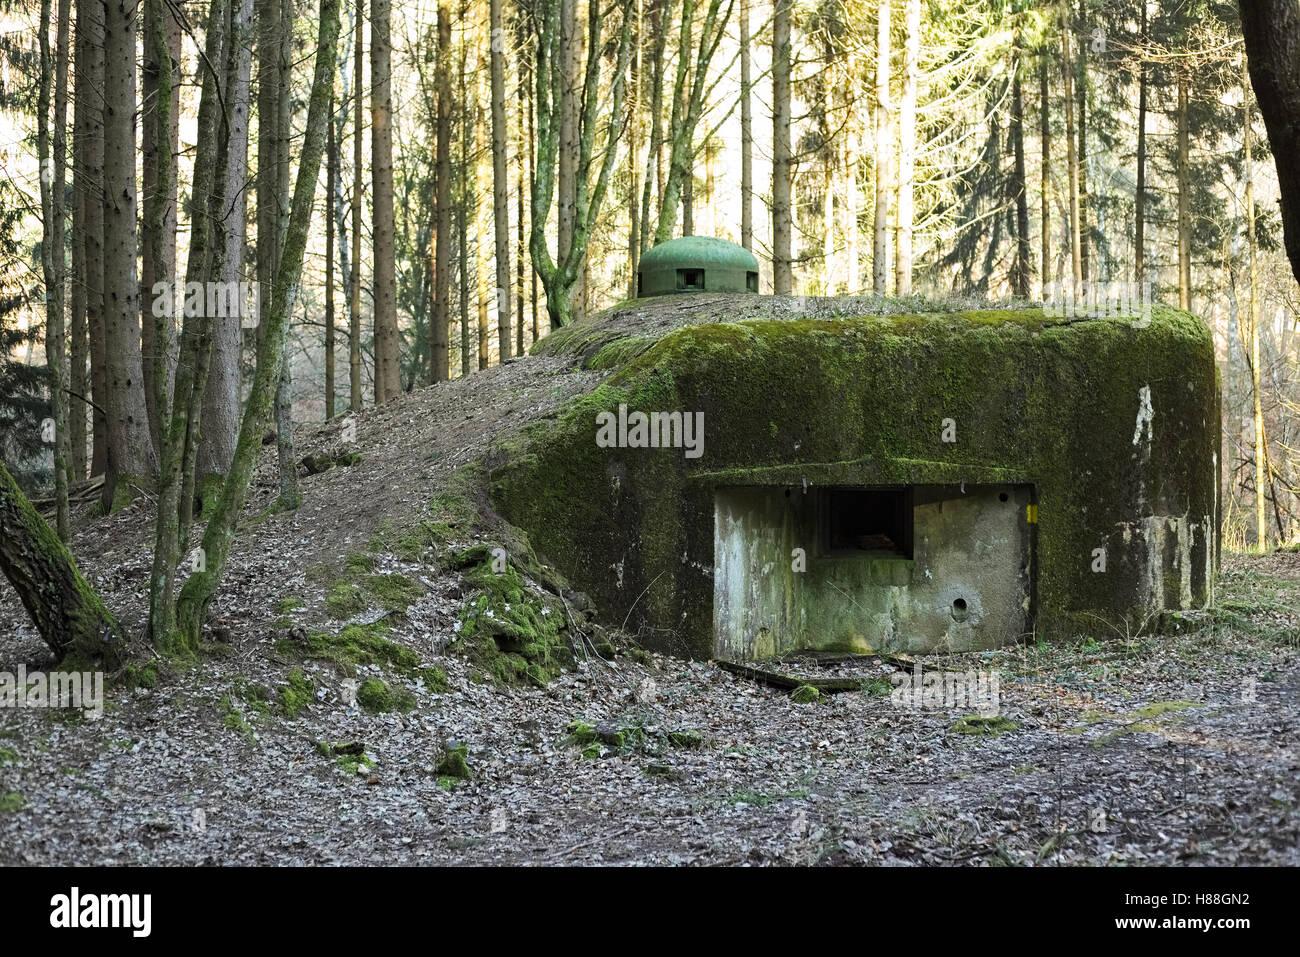 Französischen bunker Ruine in der Nähe Langensoultzbach, Vogesen, Frankreich. Es wurde vor dem zweiten Weltkrieg Stockfoto